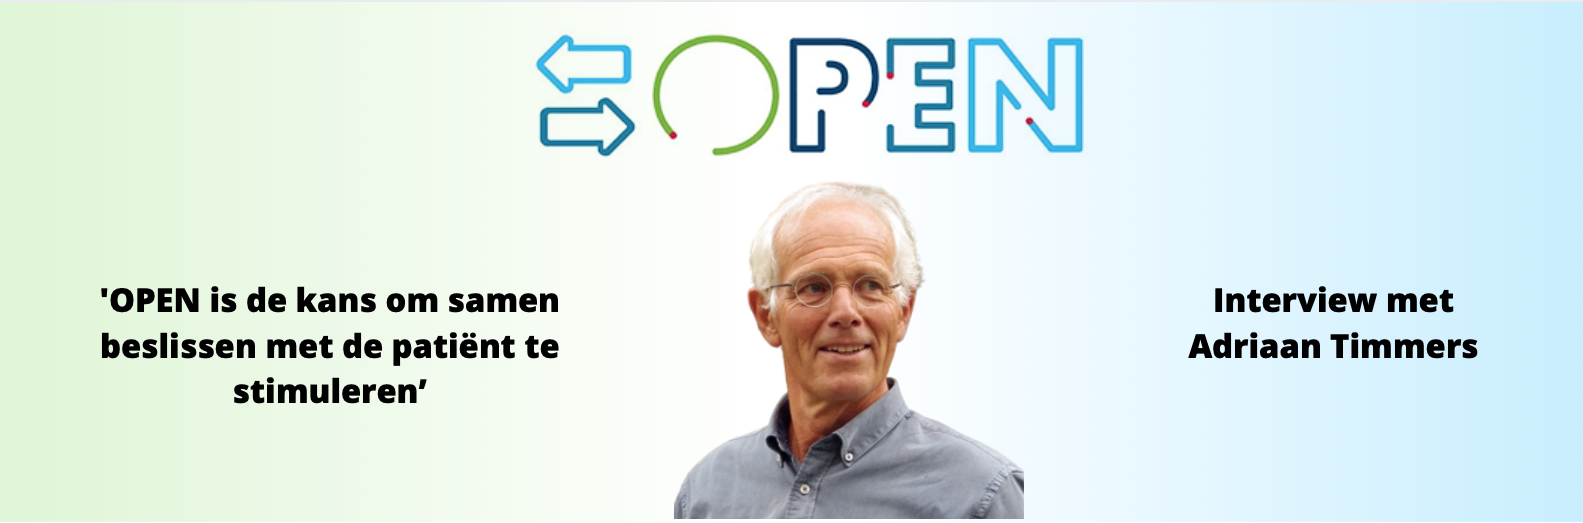 'OPEN is de kans om samen beslissen met de patiënt te stimuleren'- interview met Adriaan Timmers